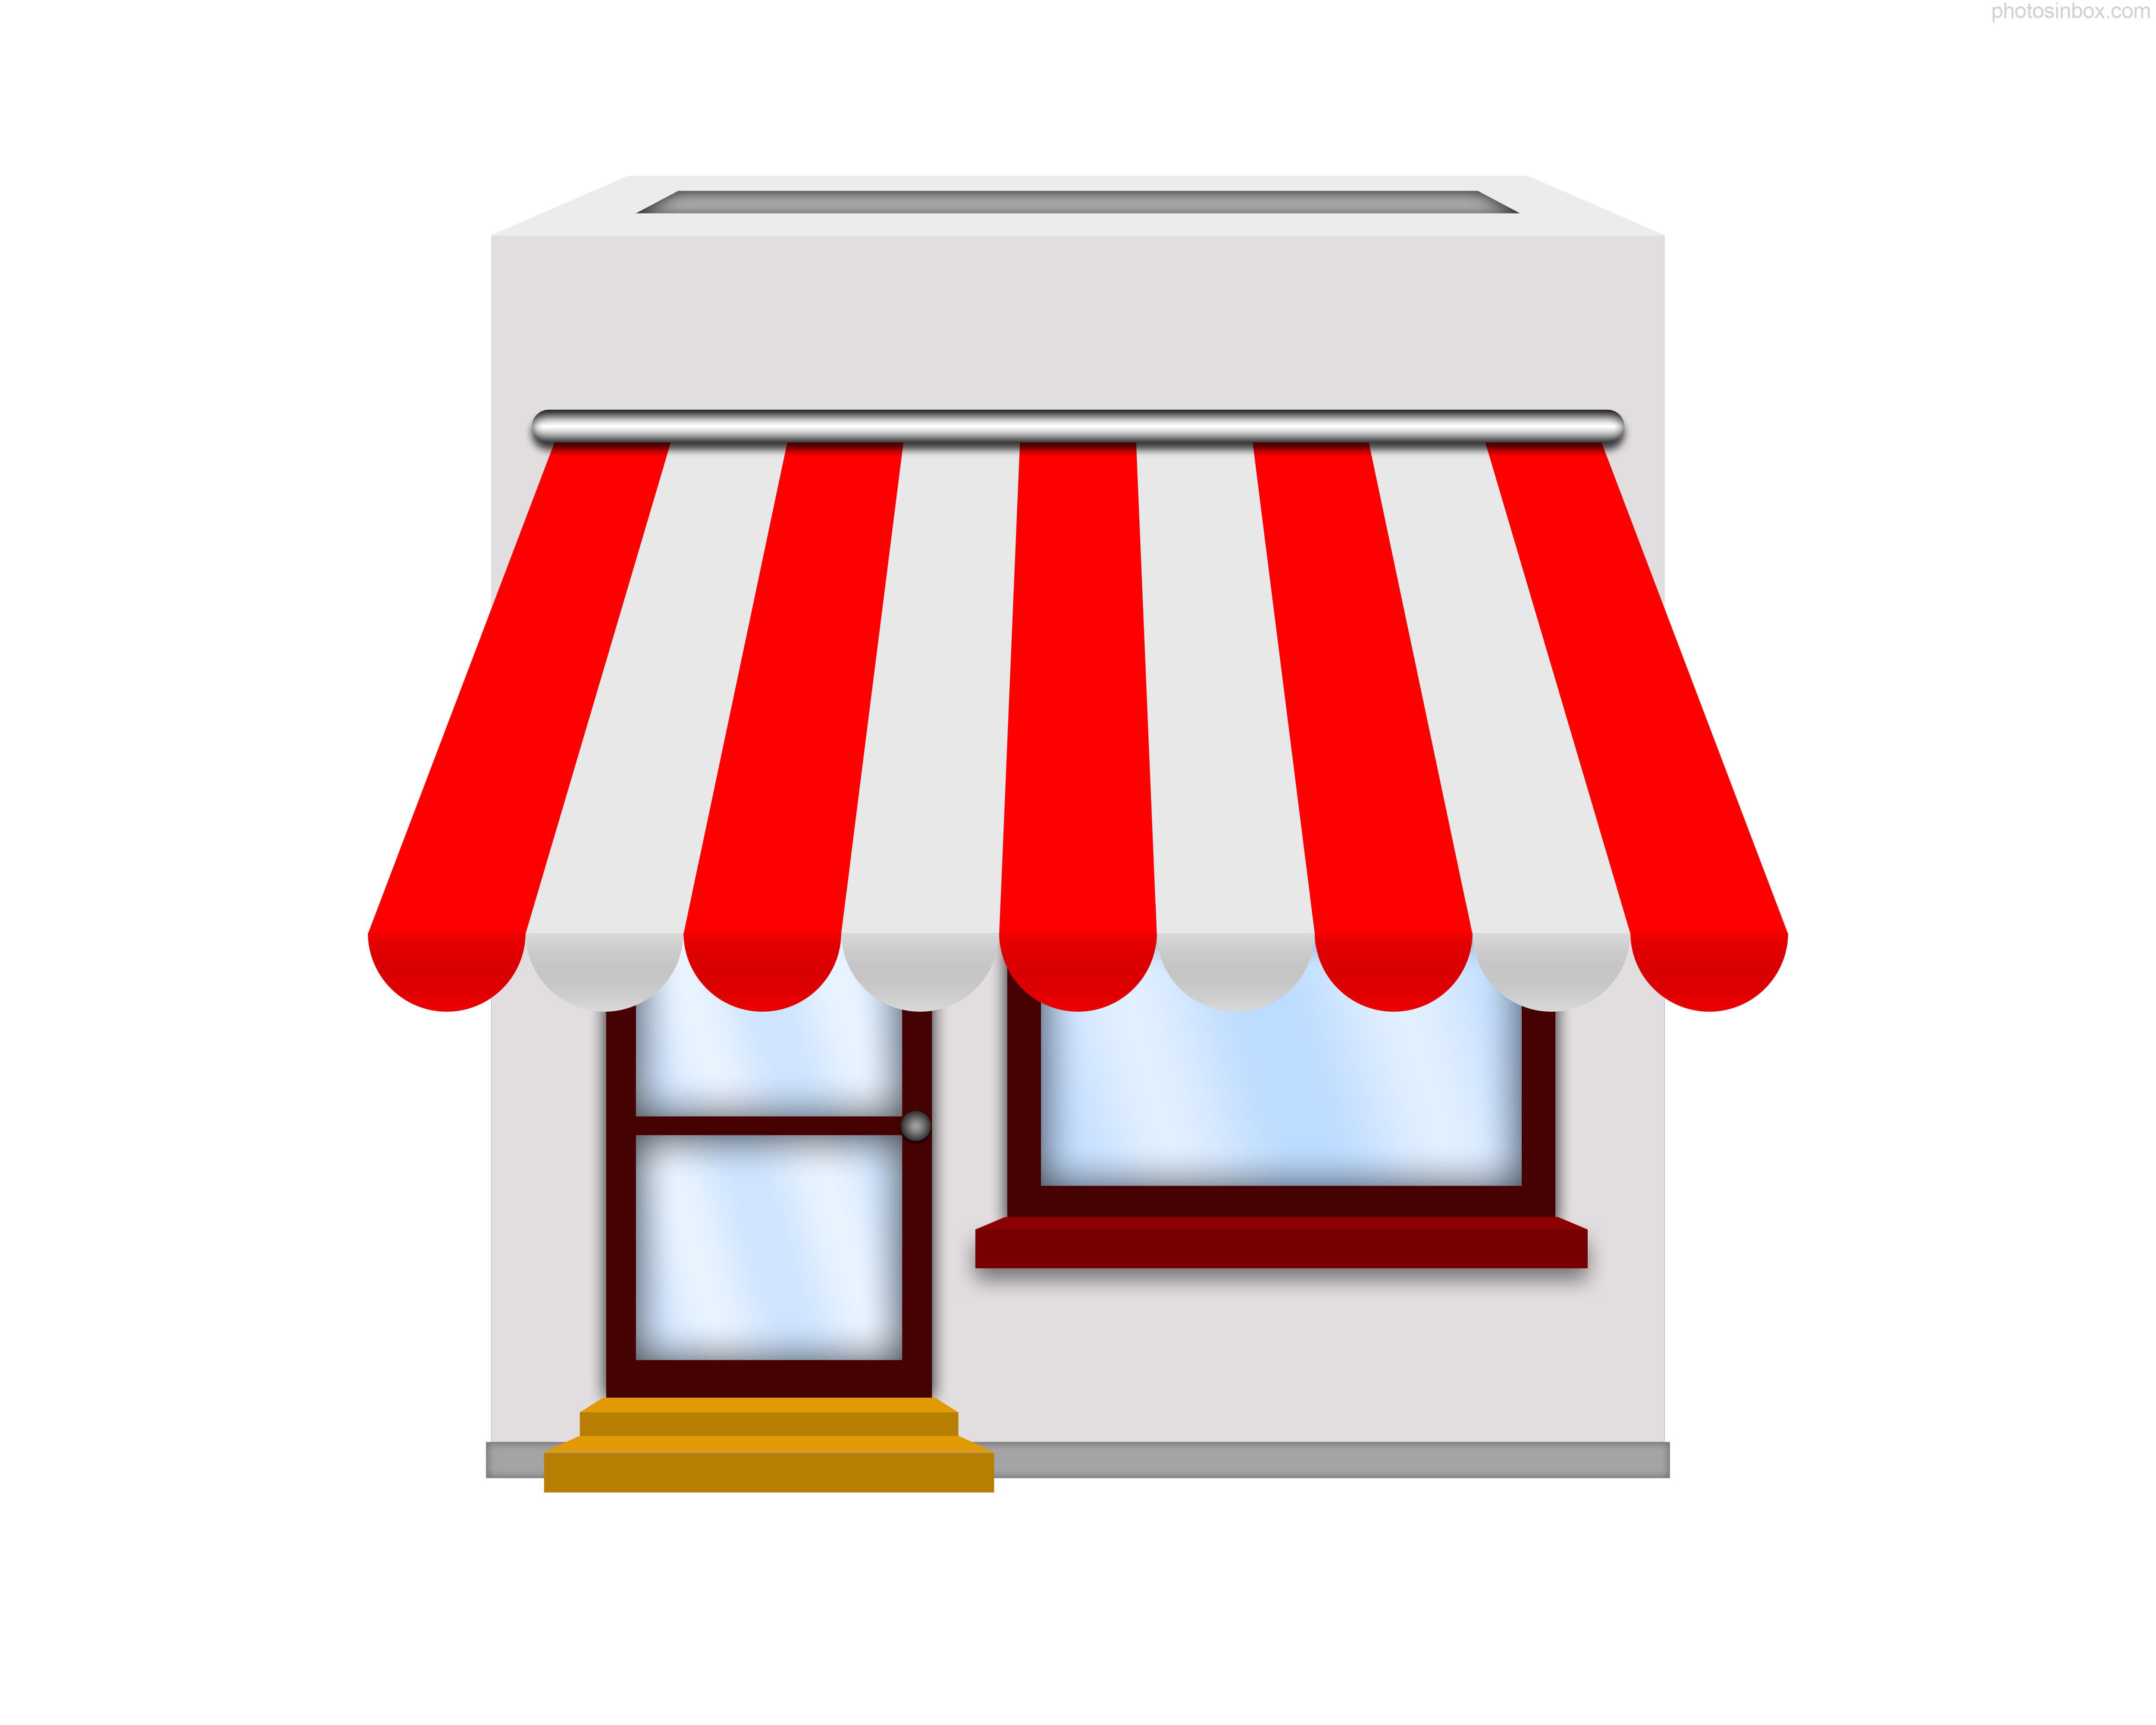 retail-shop-icon-1381912654 | Conquest Carbon